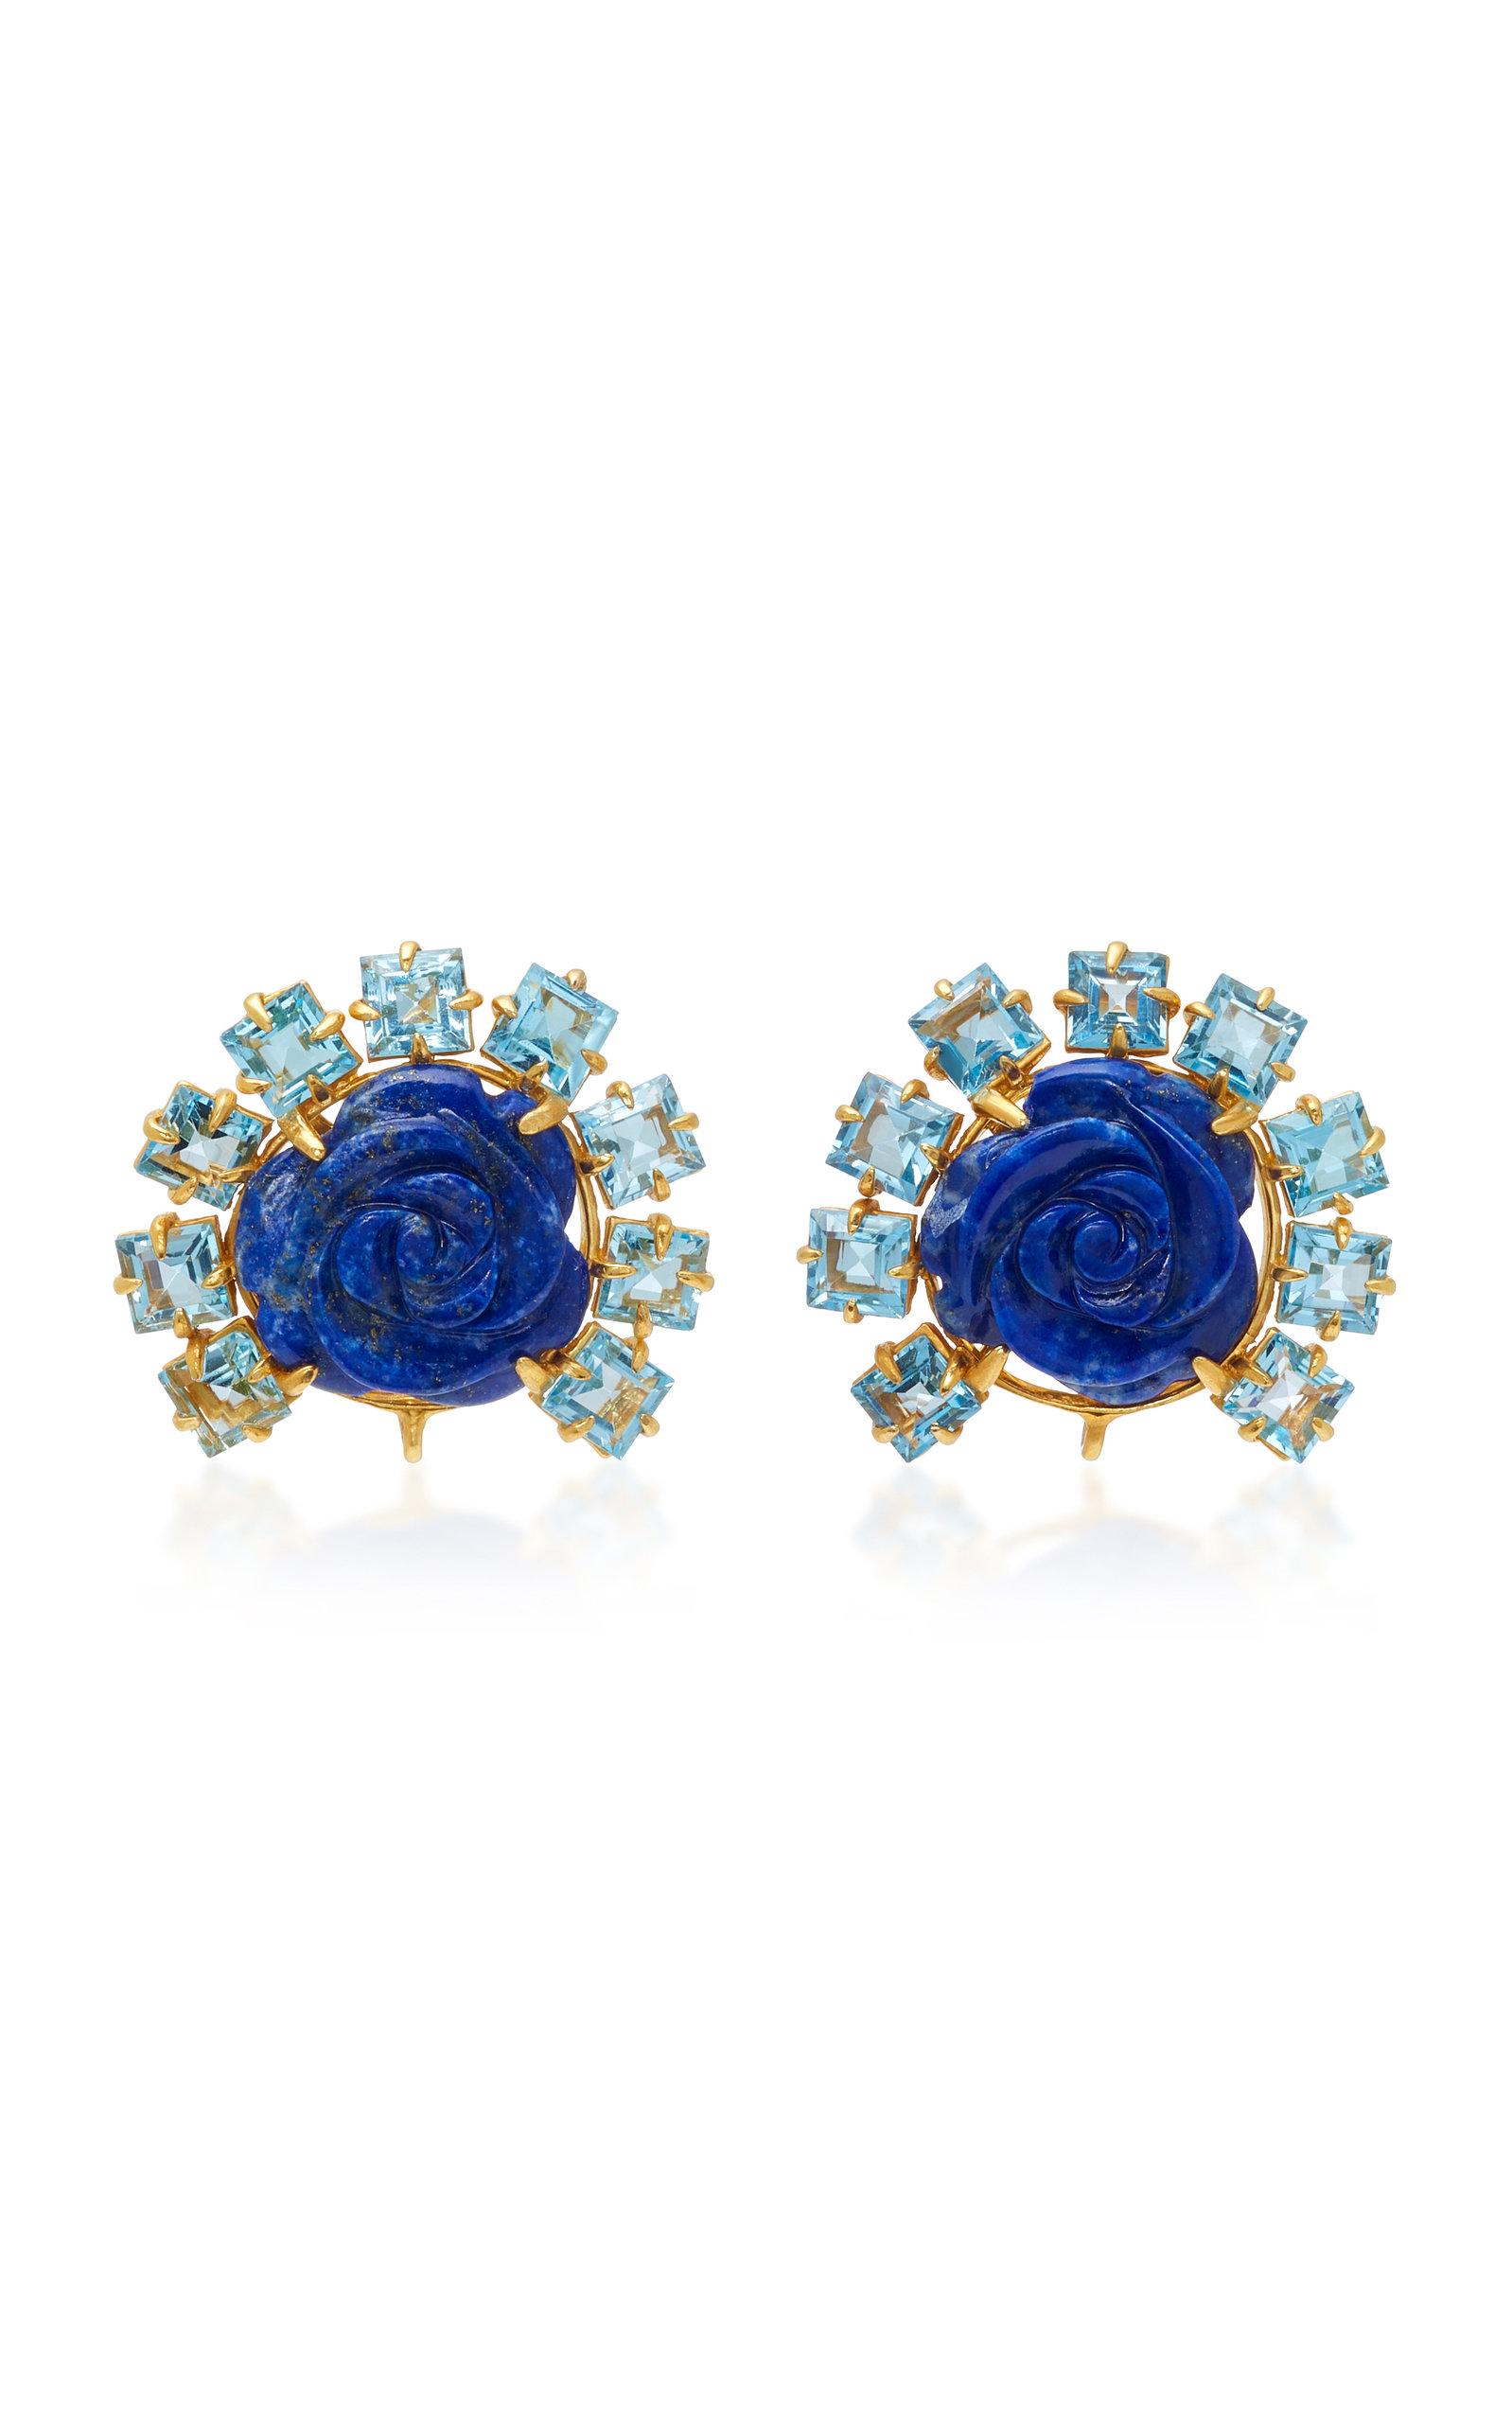 Lapis and Quartz Rose Drop Earrings Bounkit hjLVu